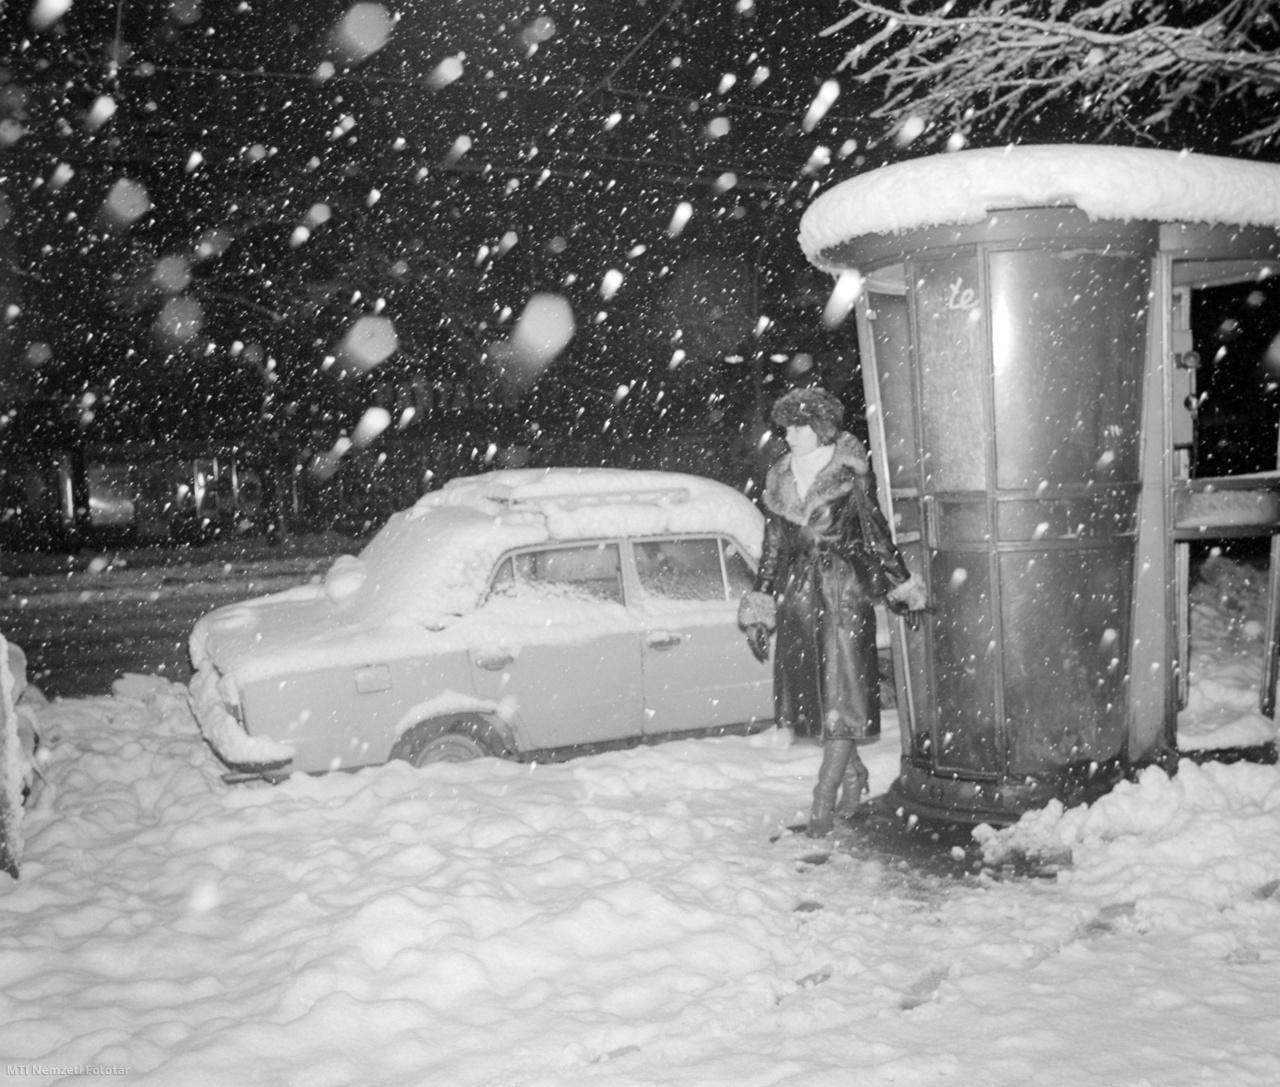 Jellegzetes,gombatetejű műanyag telefonfülkéből lép ki egy járókelő a sűrű havazásban 1980. december elsején. Mellette egy Lada személygépkocsi